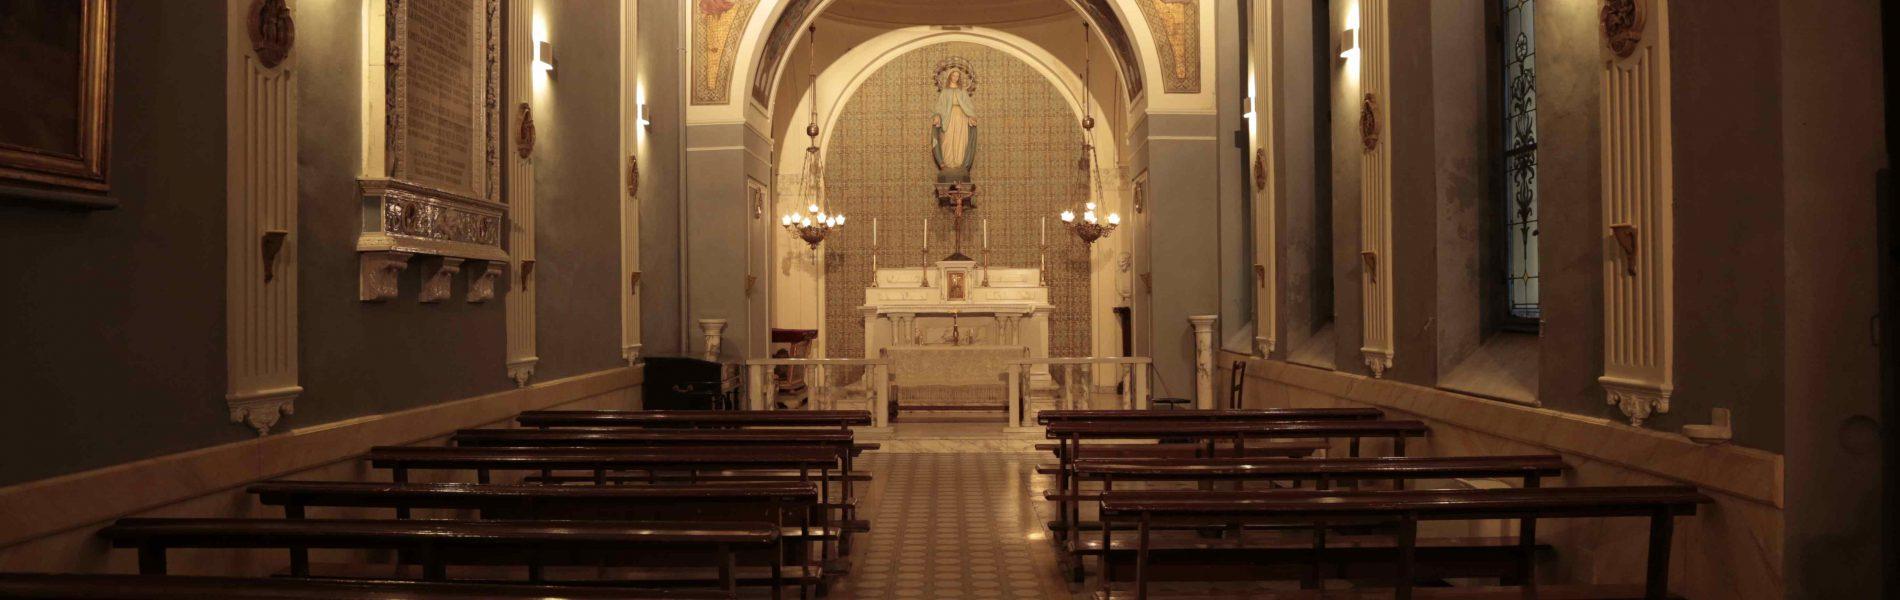 cappella dell'immacolata alfieri carrù torino